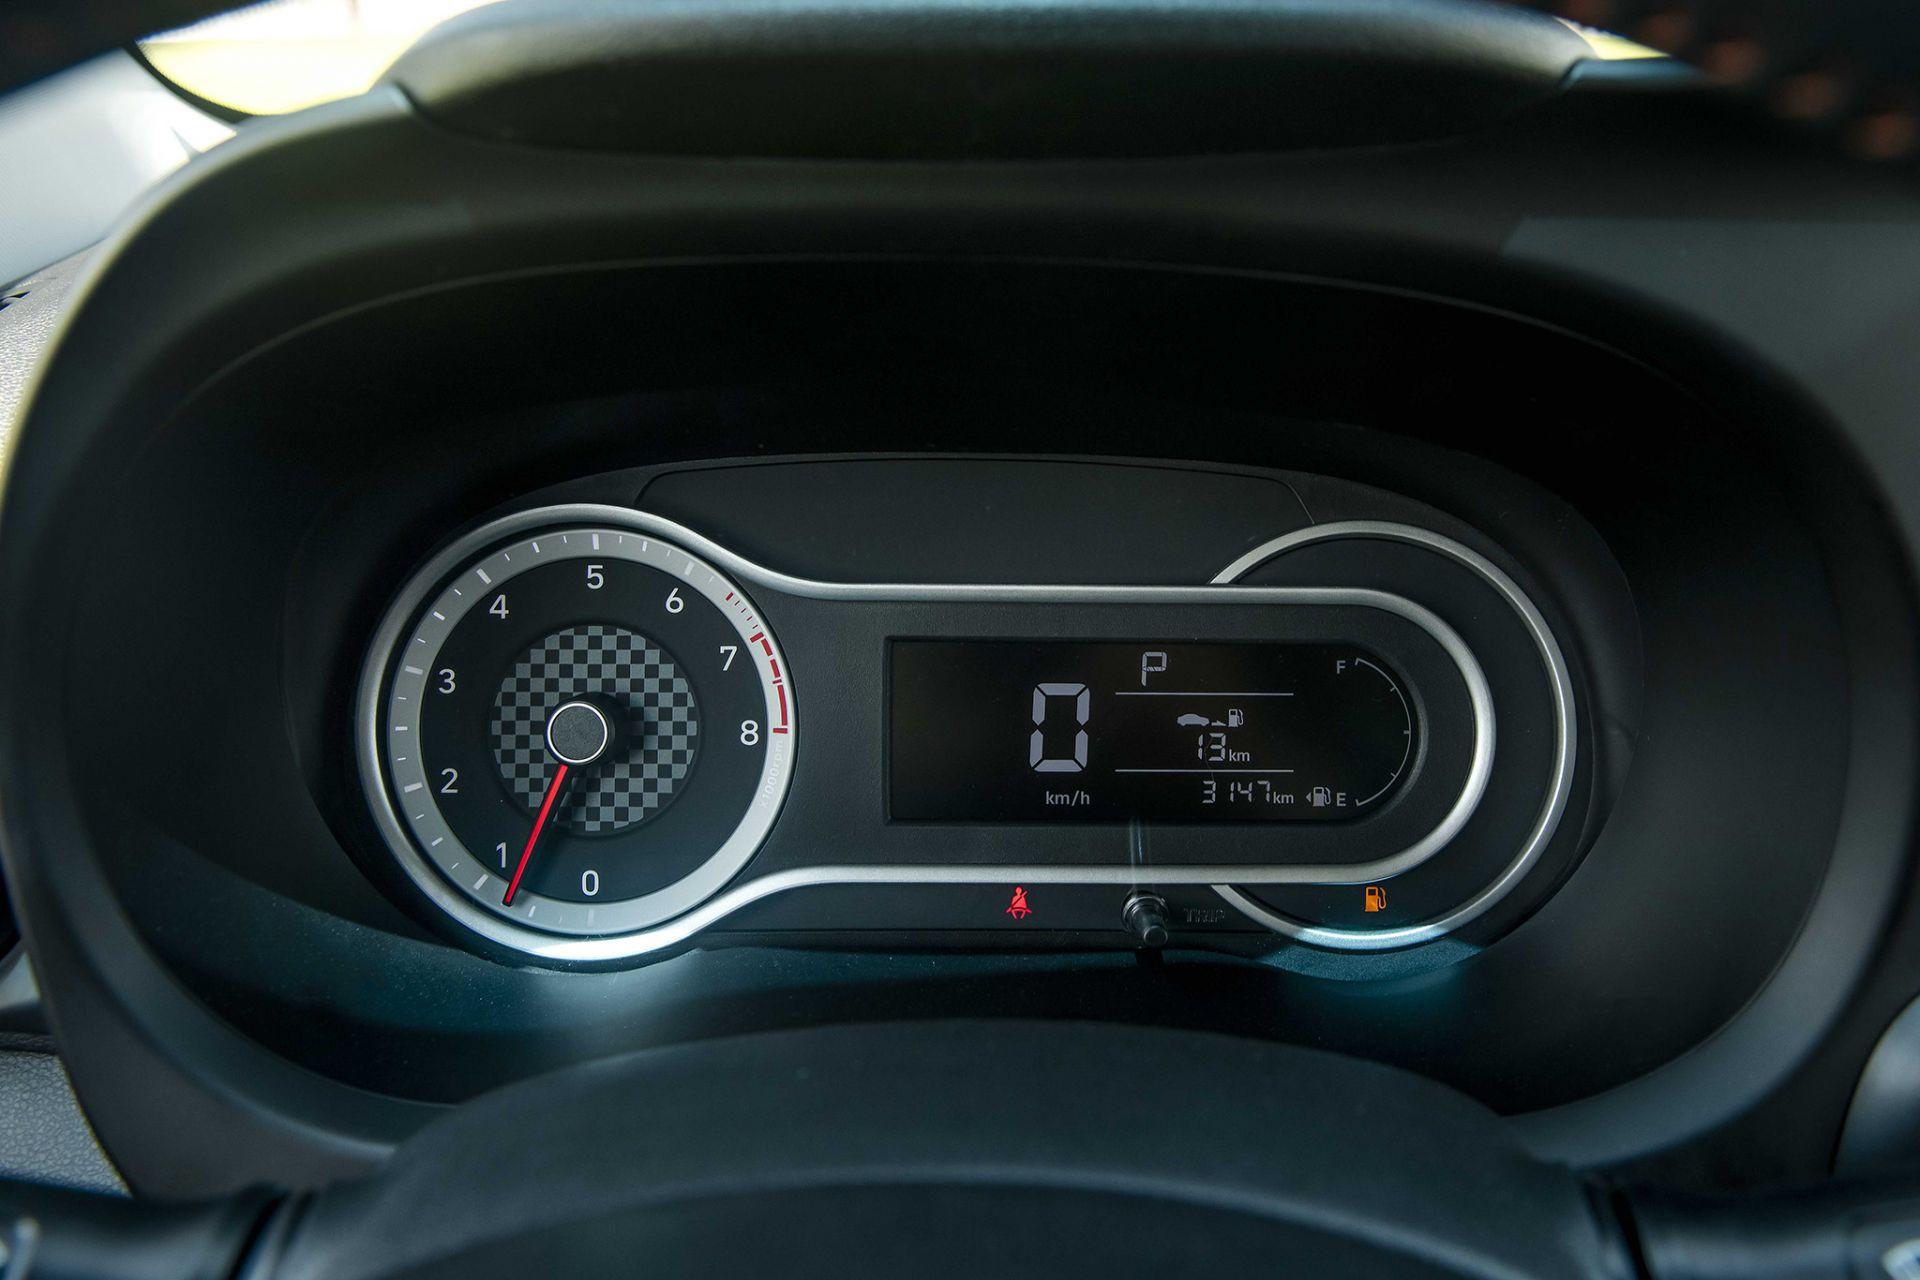 Đồng hồ hiển thị trên Hyundai Grand i10